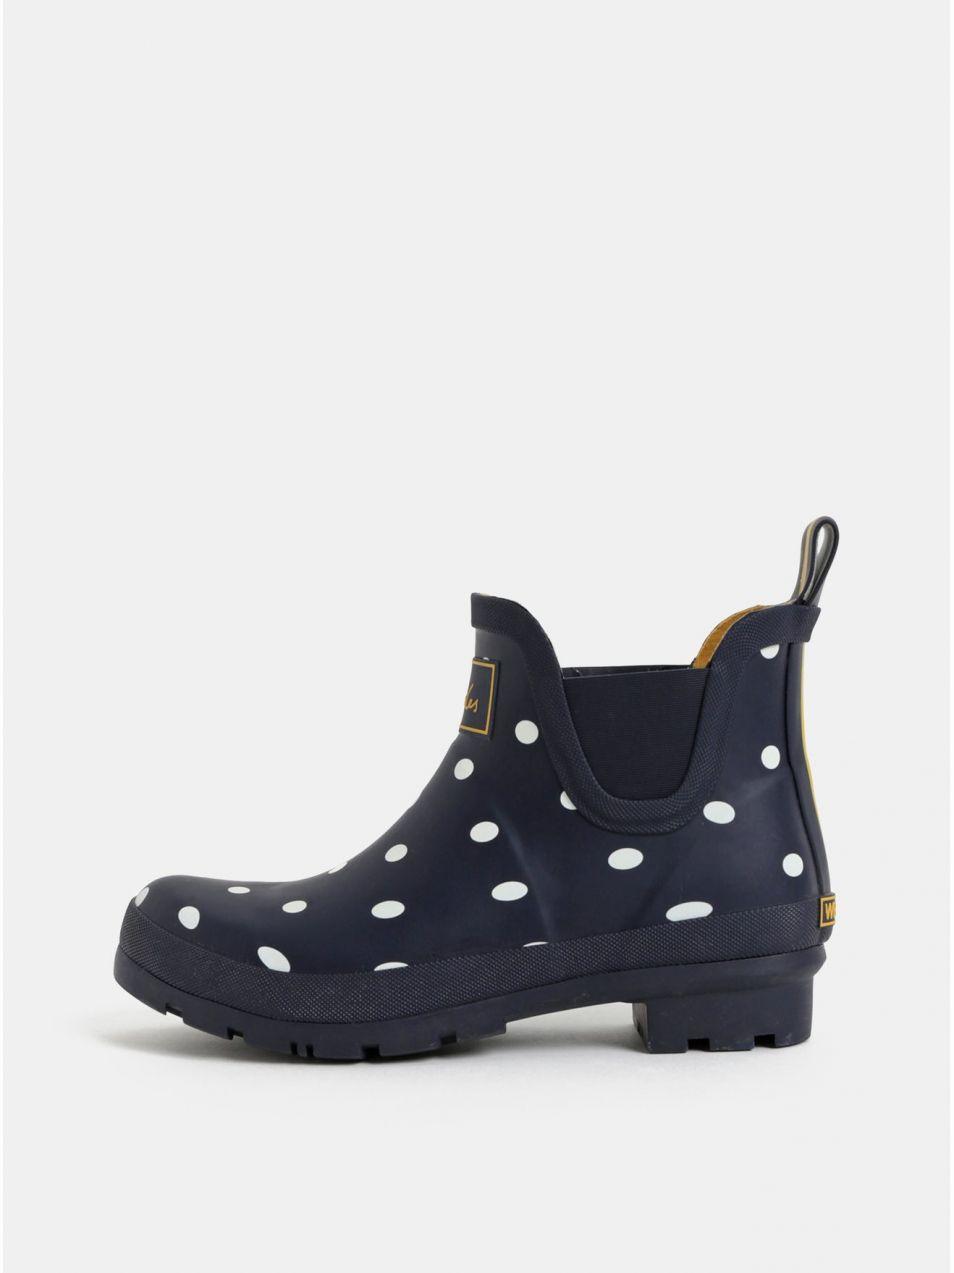 78977bf5c1a2d Tmavomodré dámske bodkované gumové chelsea topánky Tom Joule Wellibobs  značky Tom Joule - Lovely.sk